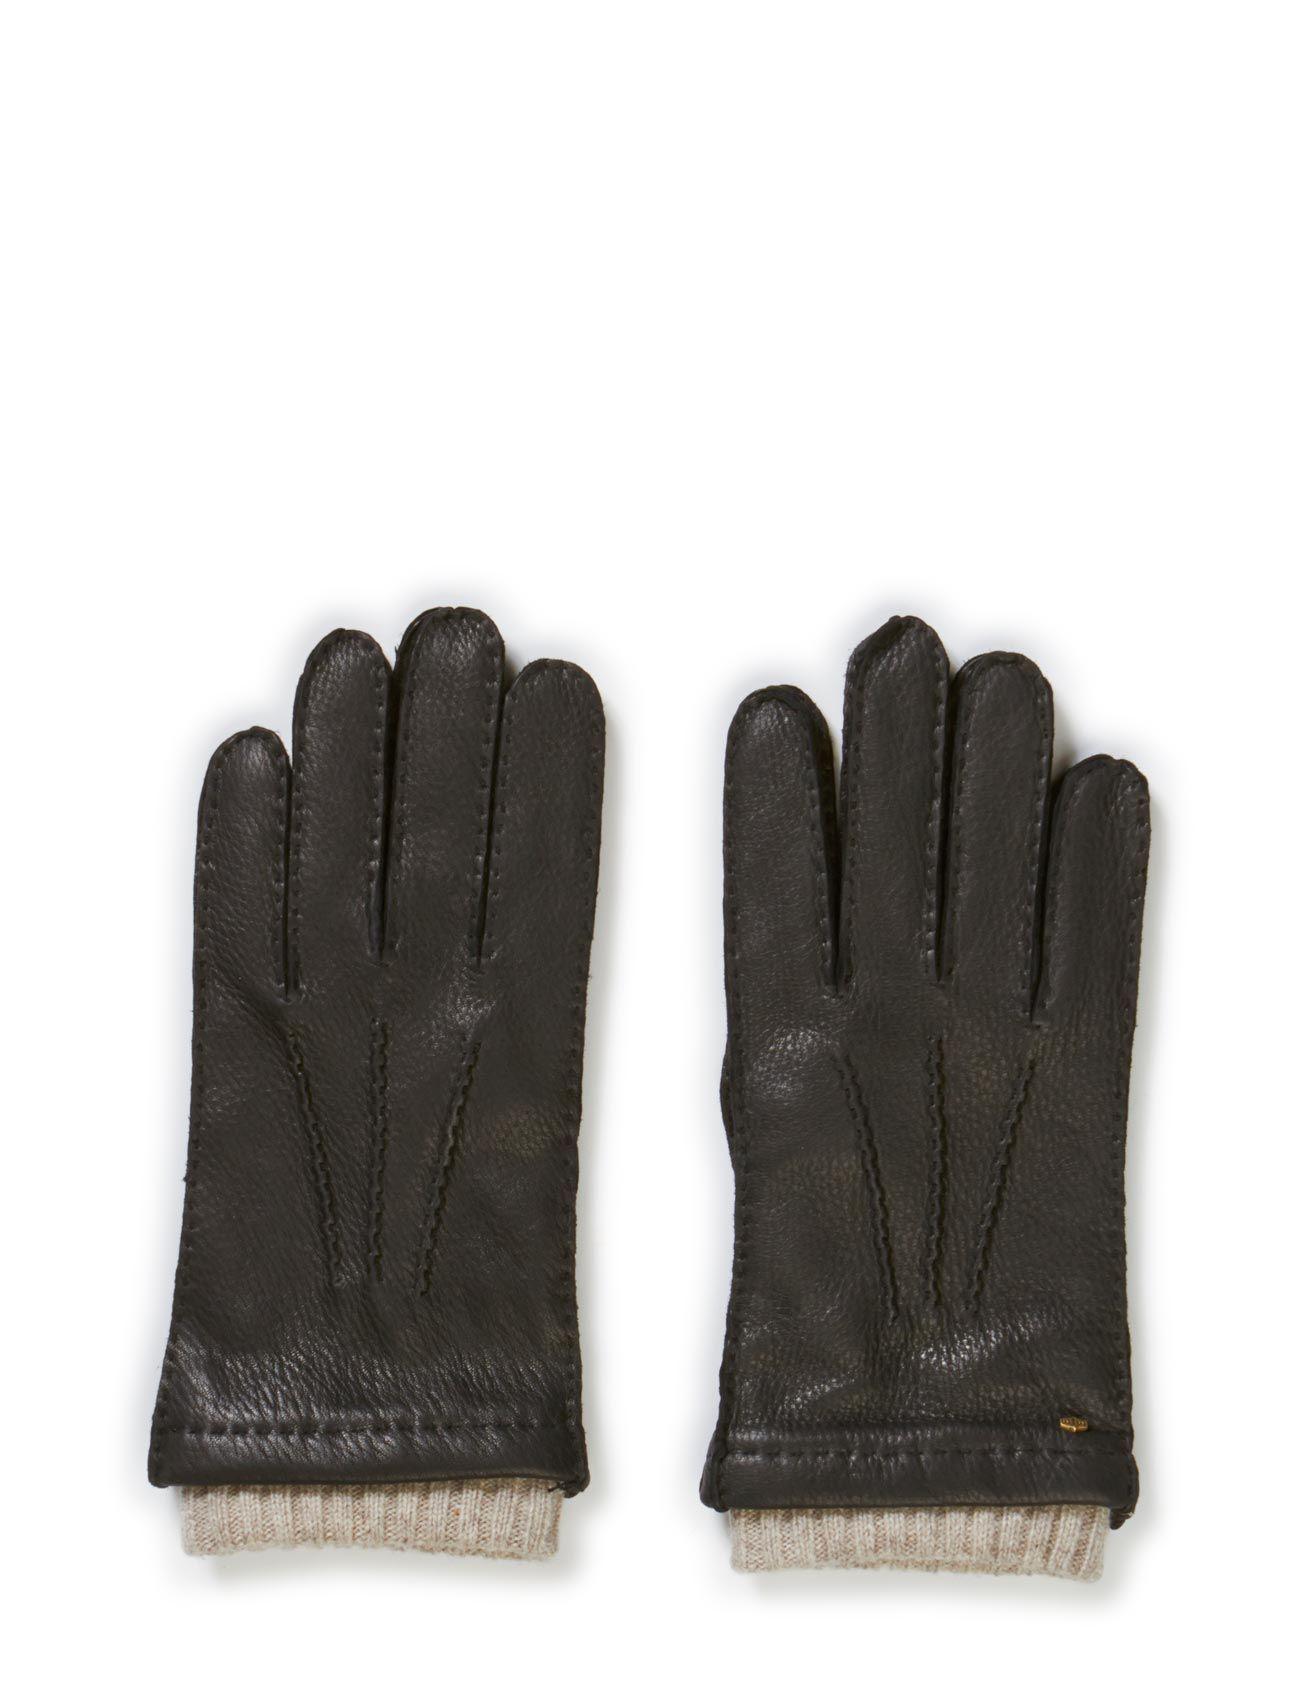 Image of Mjm Glove Jack (3100348669)